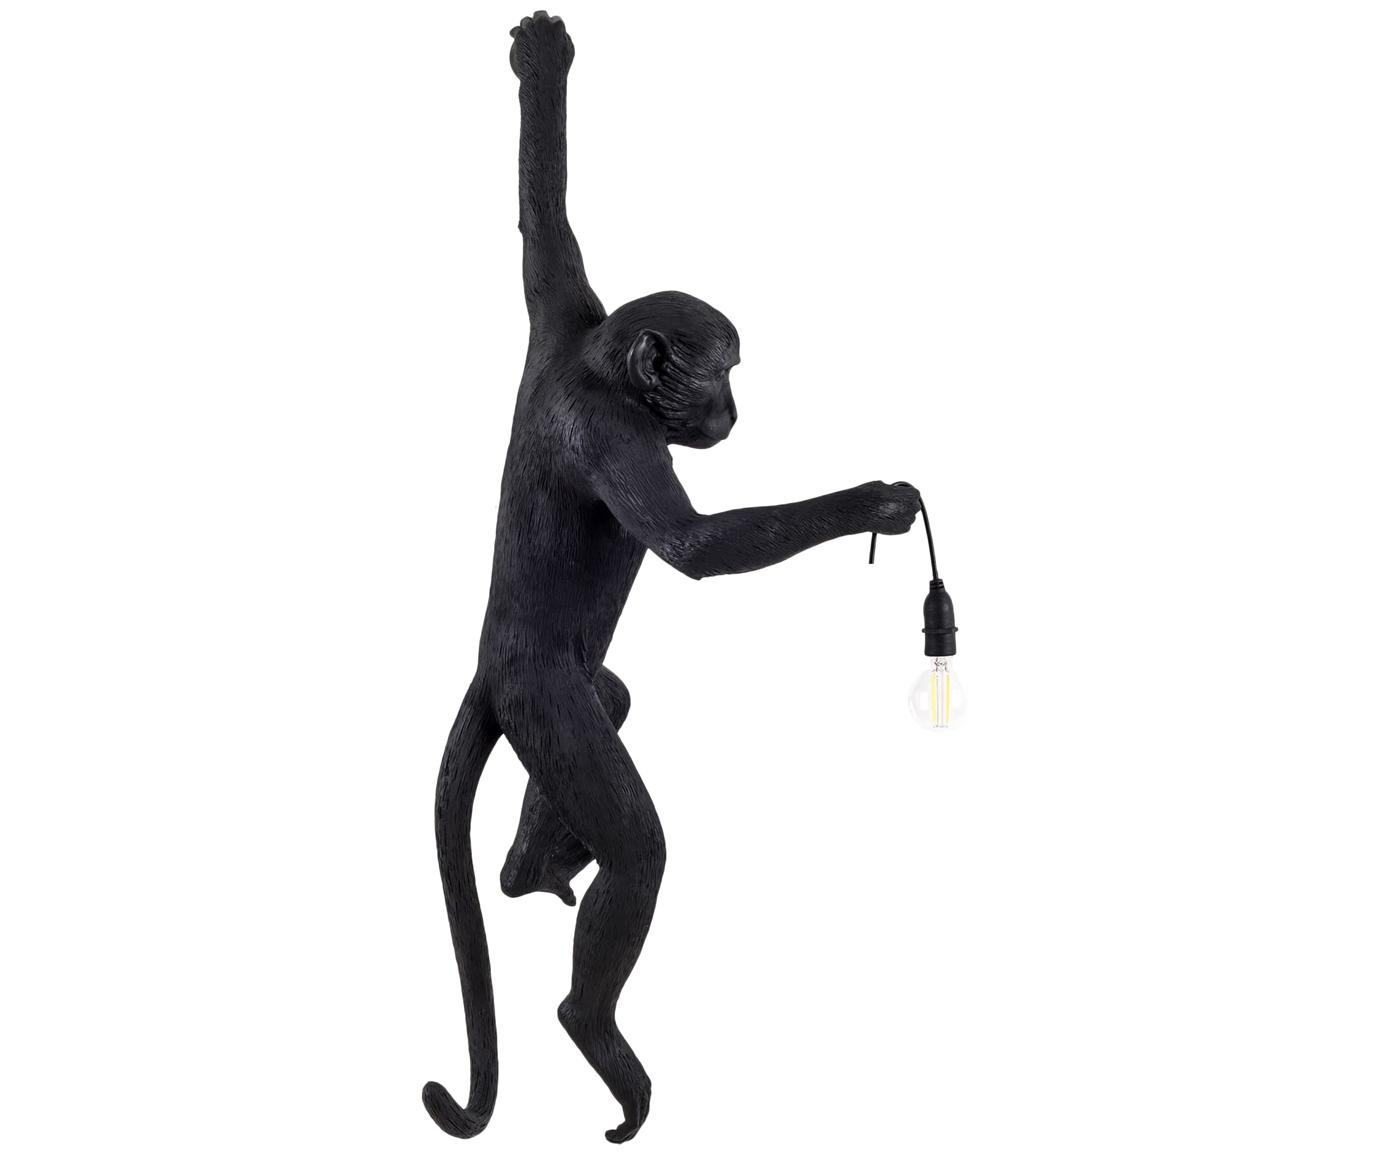 Aplique de exterior Monkey, Resina, Negro, An 37 x Al 77 cm